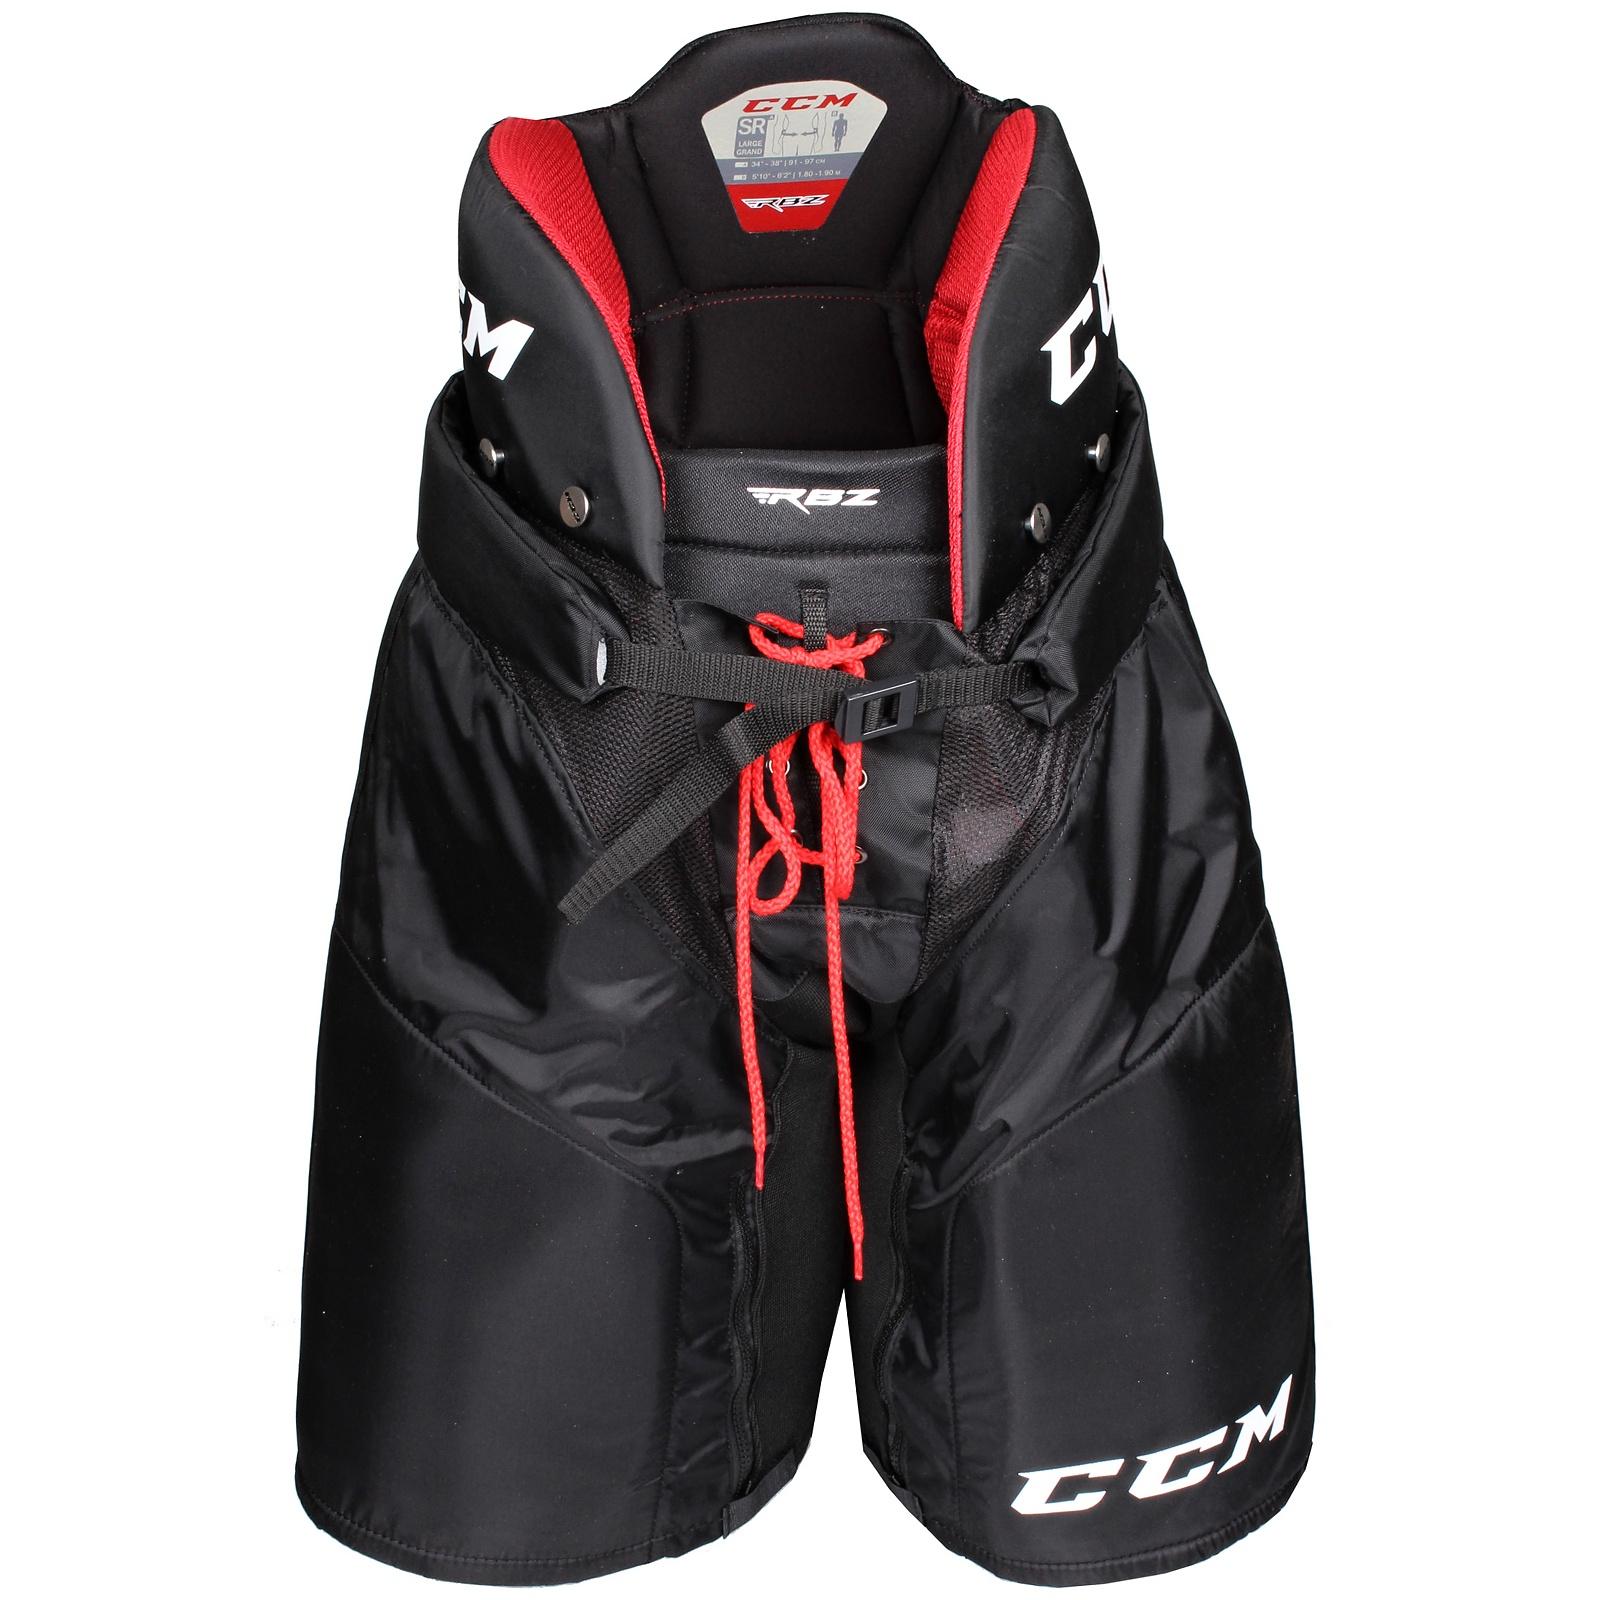 Kalhoty hráčské CCM RBZ 110 senior černé - vel. L